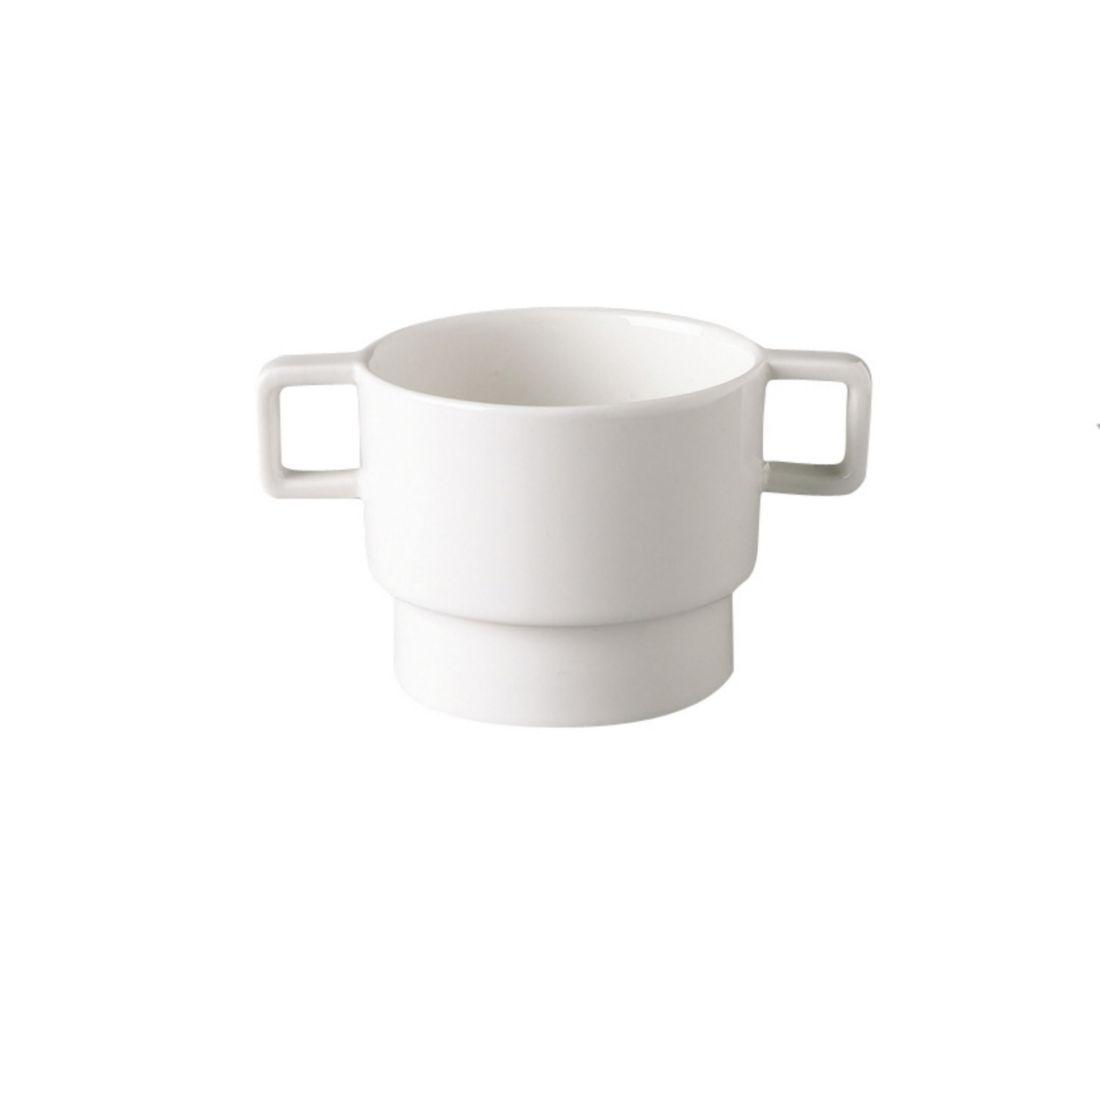 Šálek na polévku Nordic 300 ml